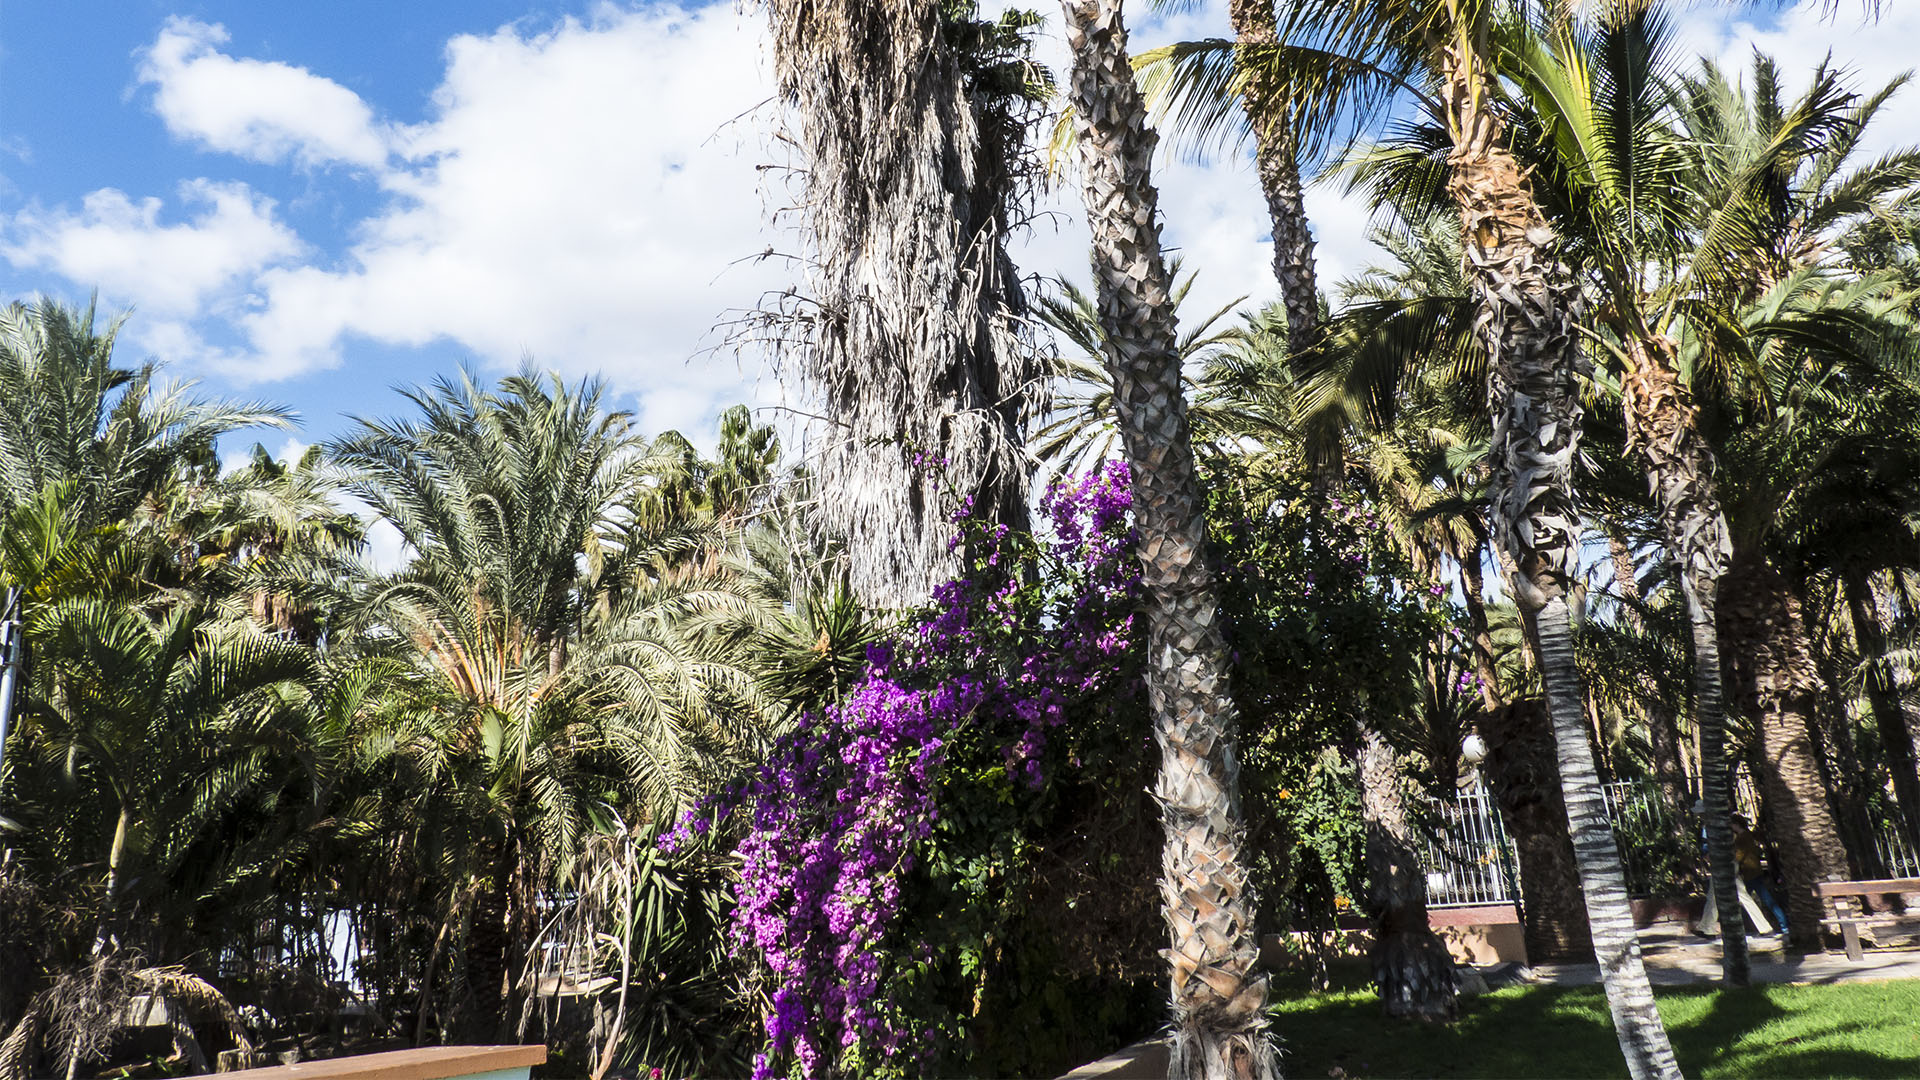 Städte und Ortschaften Fuerteventuras: Morro Jable